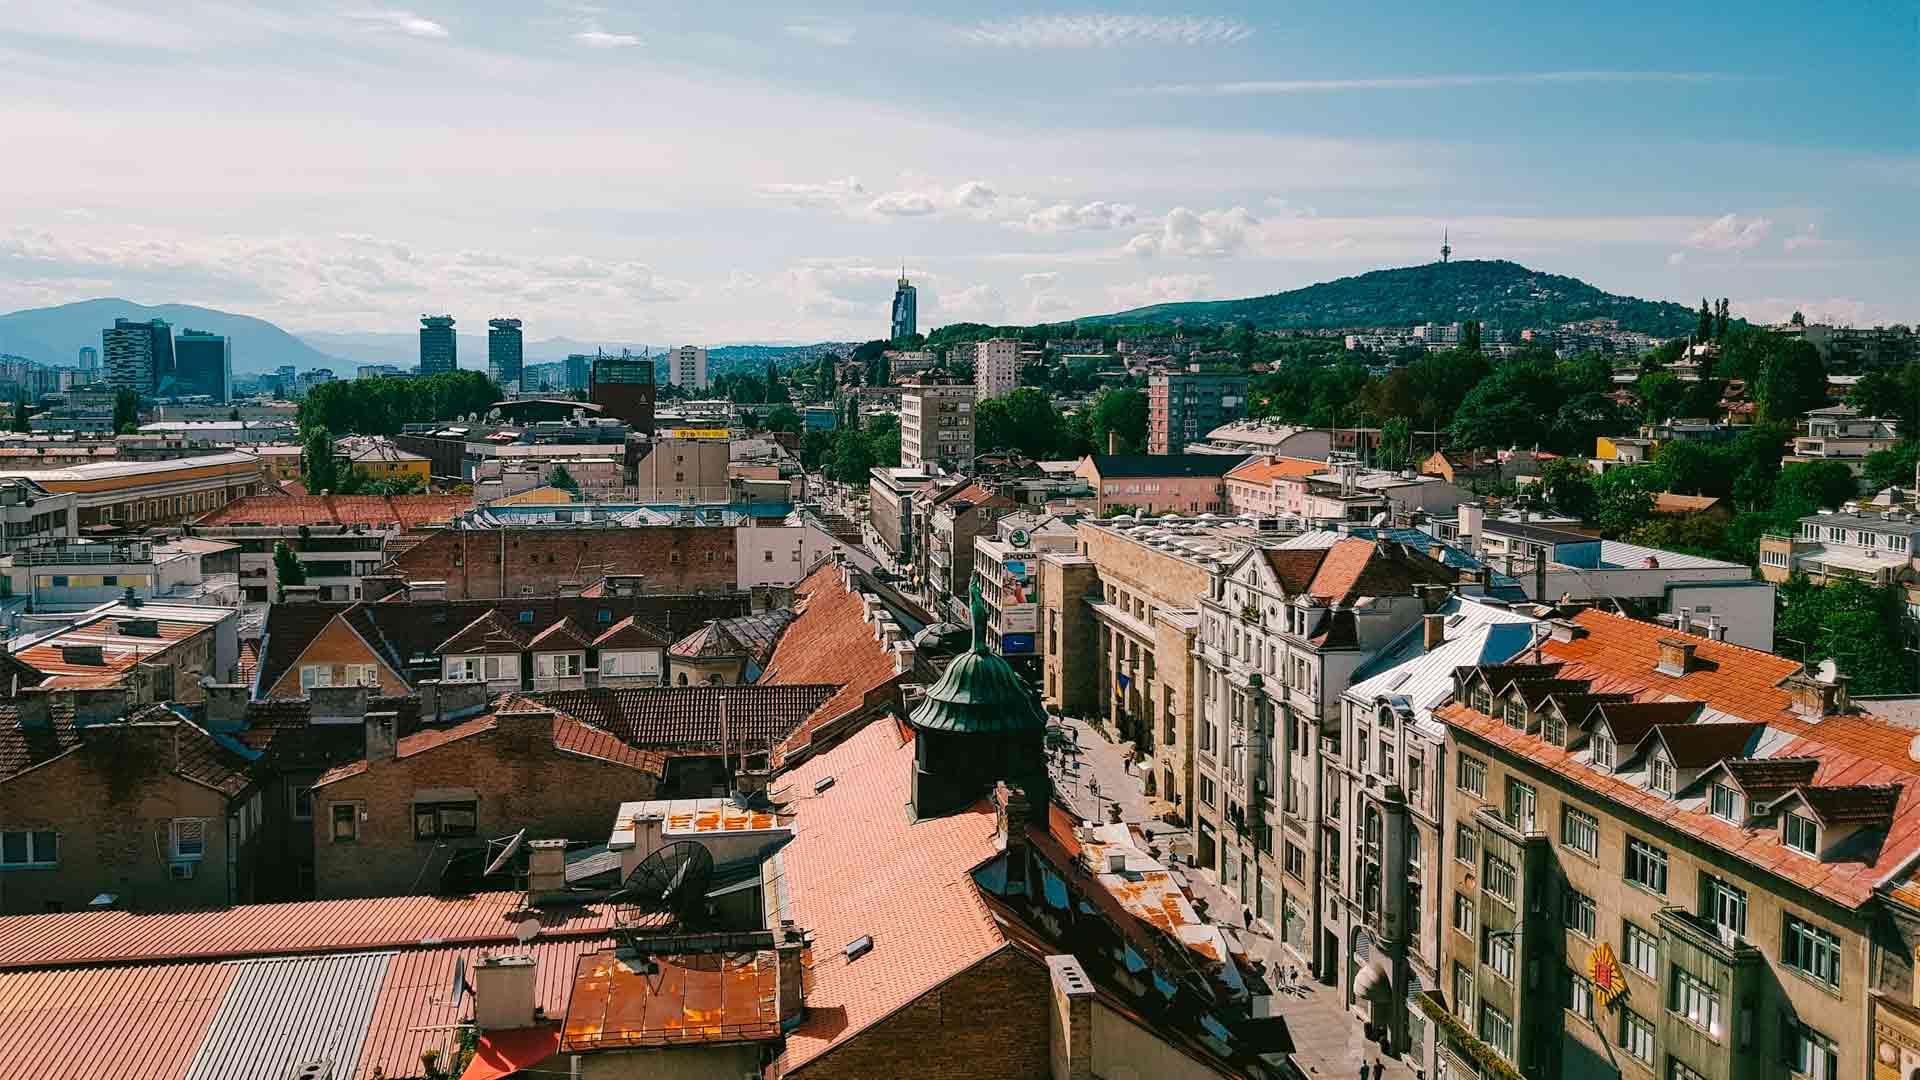 Vista de Sarajevo, capital de um dos países da Europa